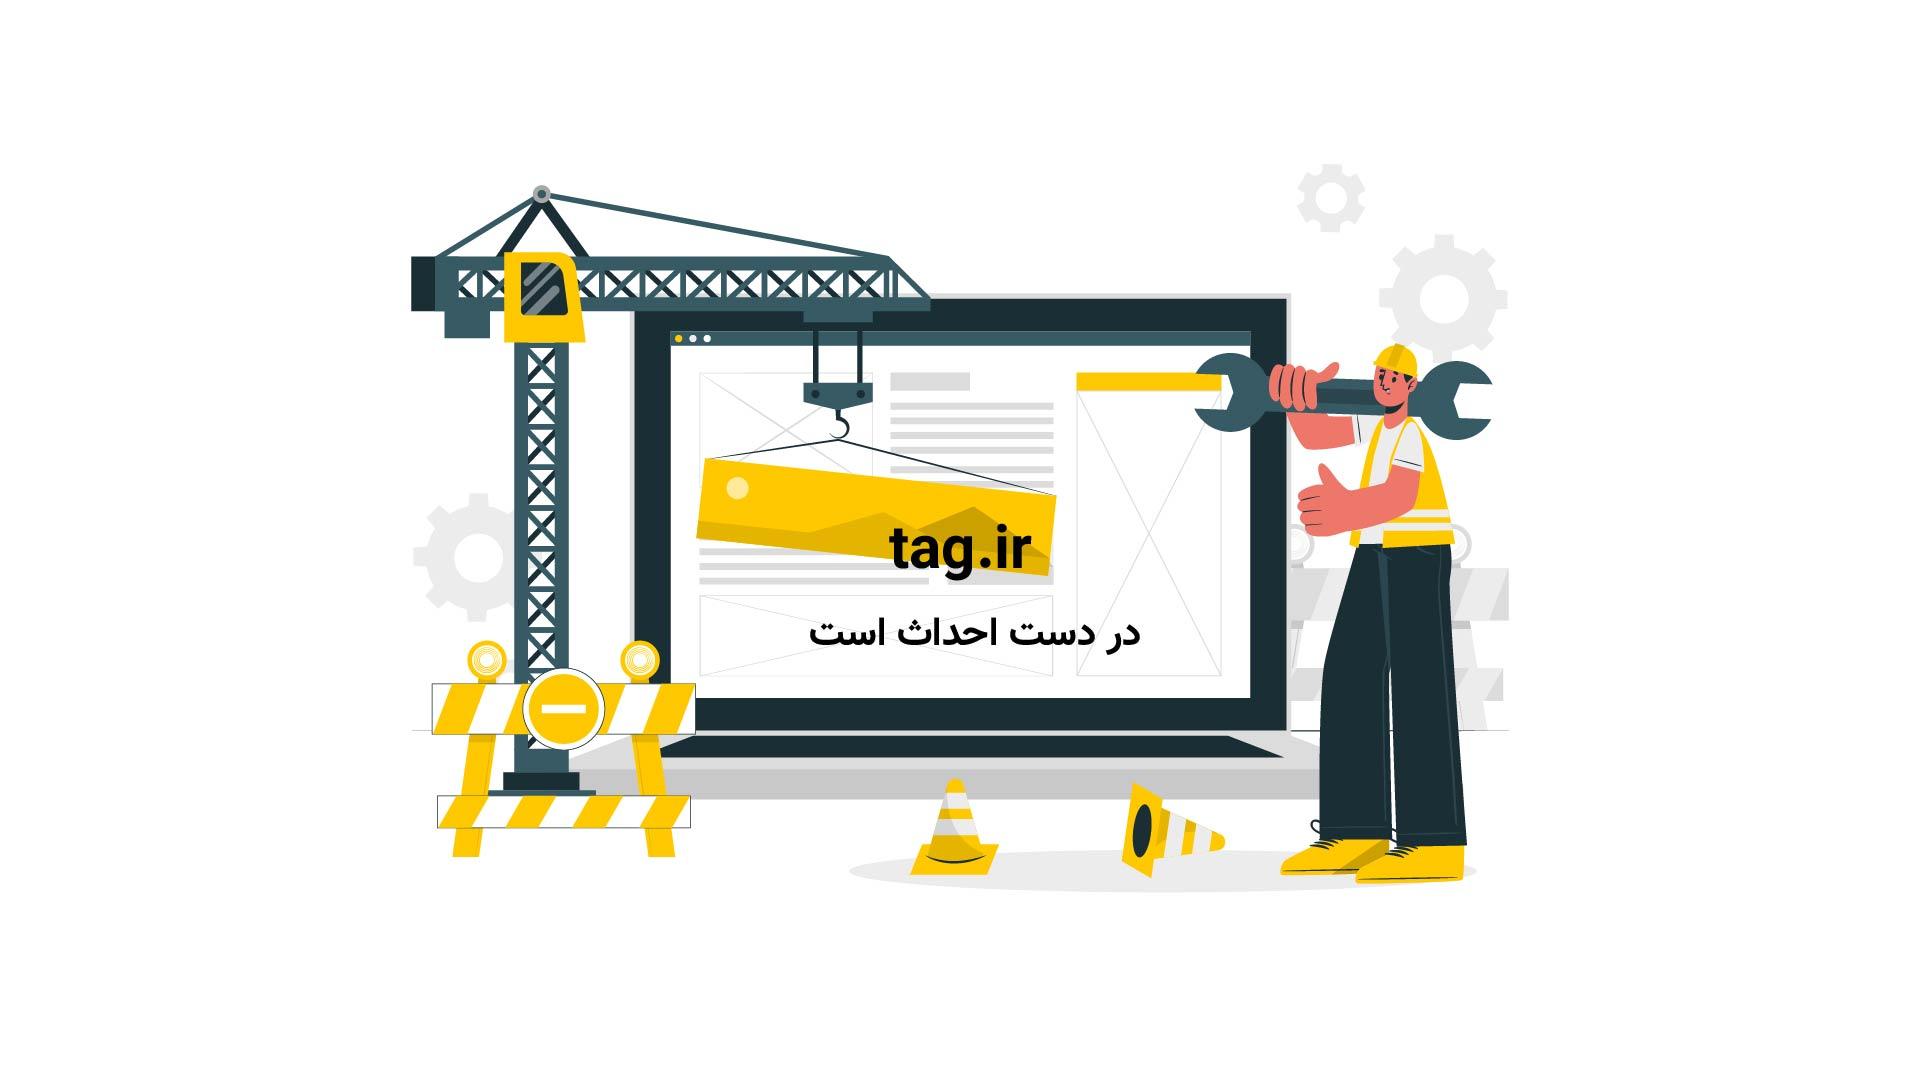 سالروز ابلاغ نامه تاريخى امام خمینی (ره) به گورباچف | فیلم